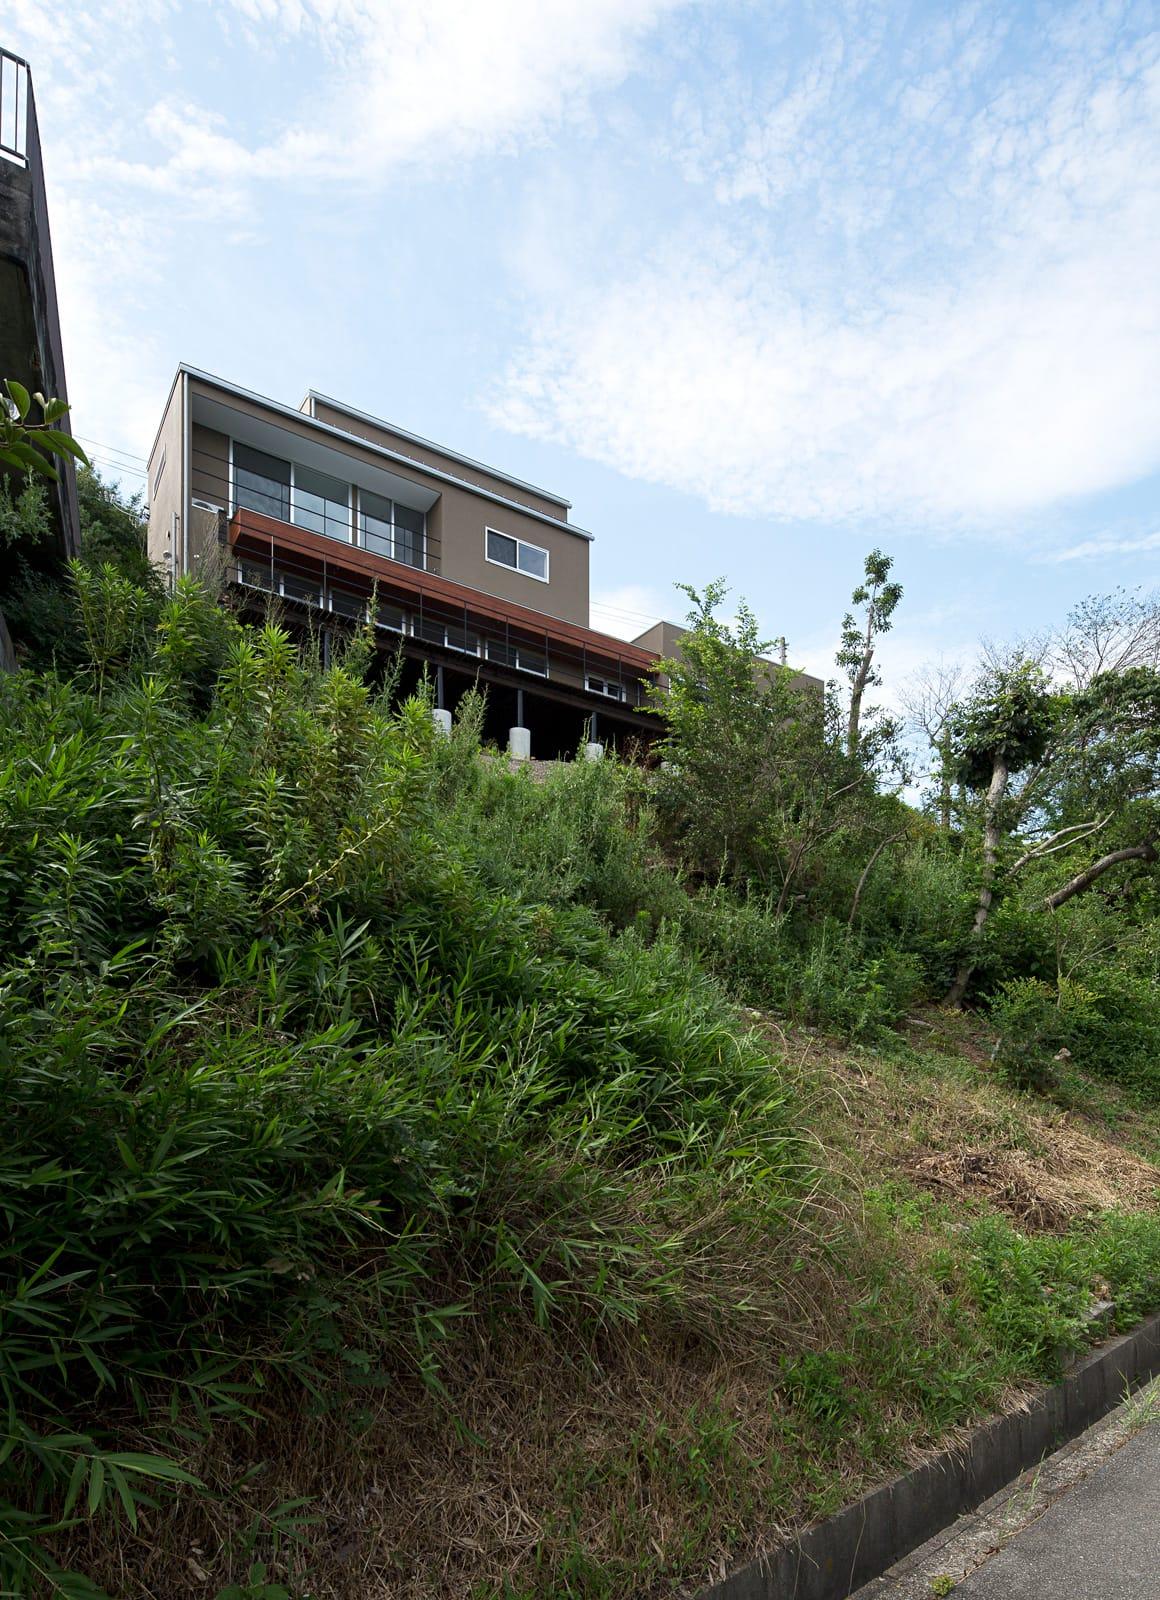 傾斜地に建つアウトドアデッキのある家の外観2